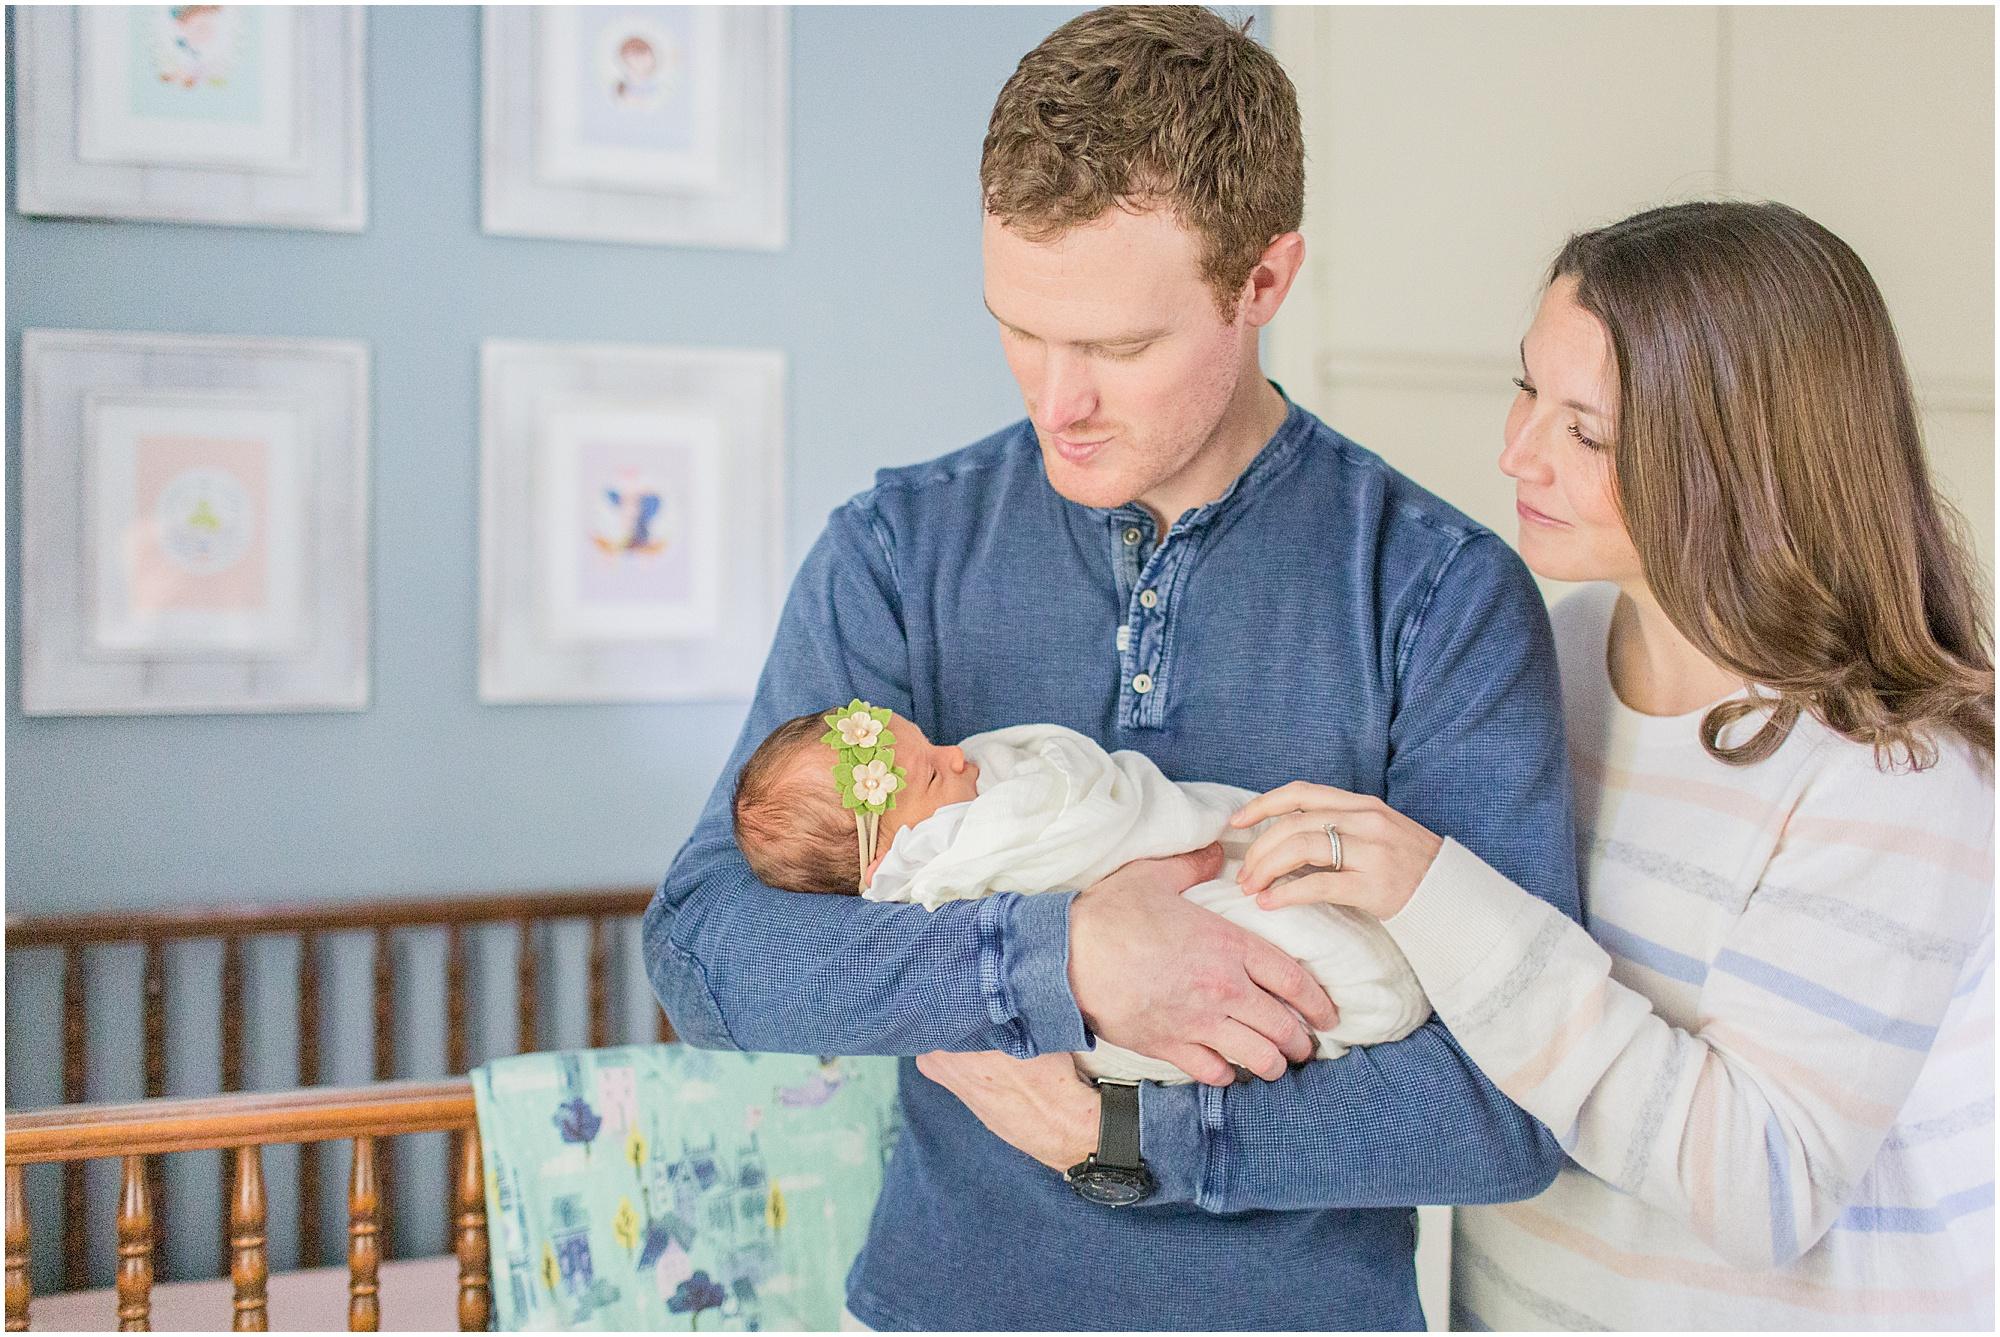 mississippi-newborn-family-photographer_0011.jpg